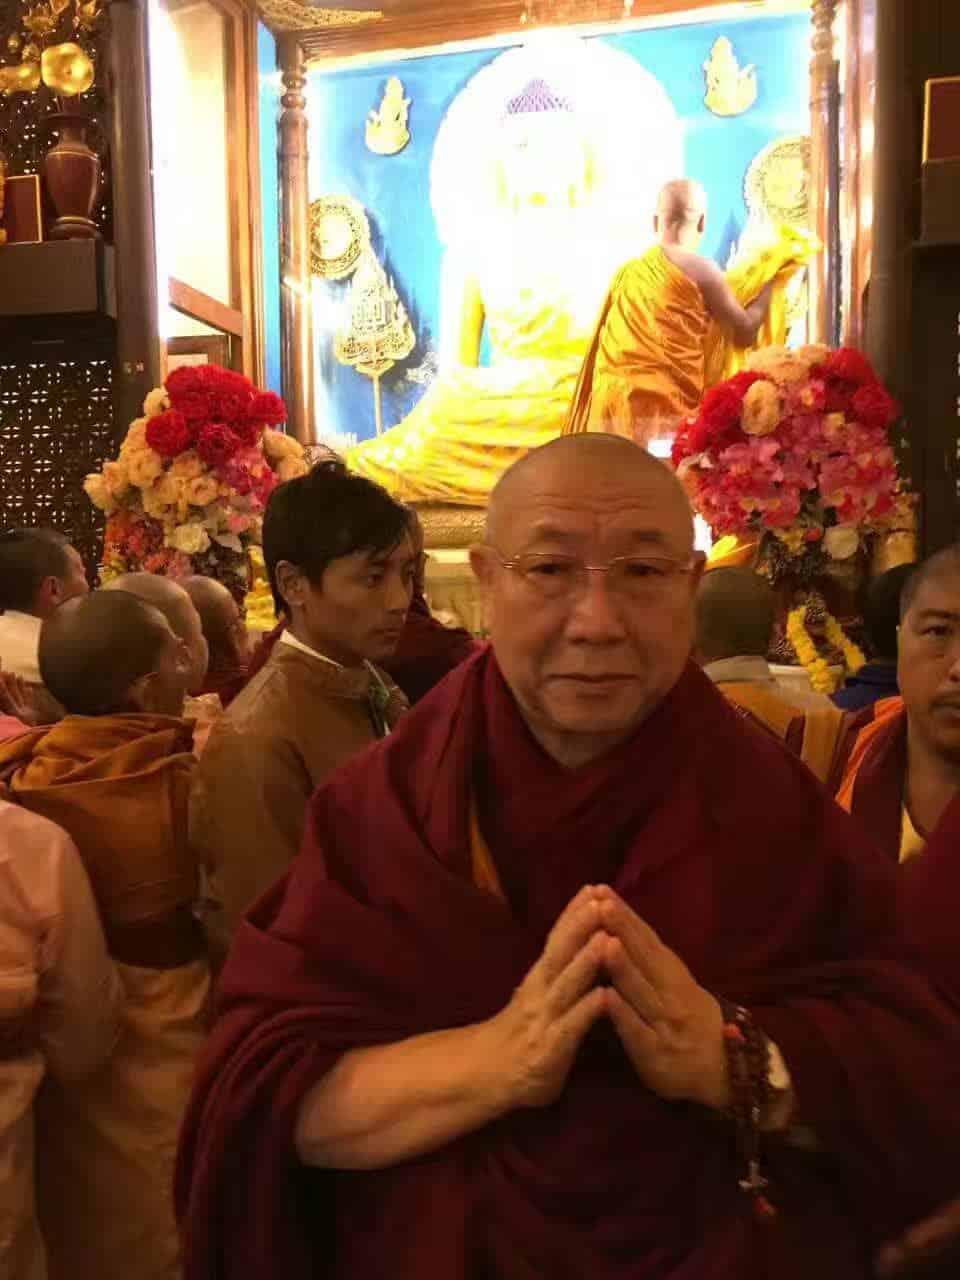 Gosok Rinpoche India 2017 74bdbf0eb0c16da0df61e41097d08b9